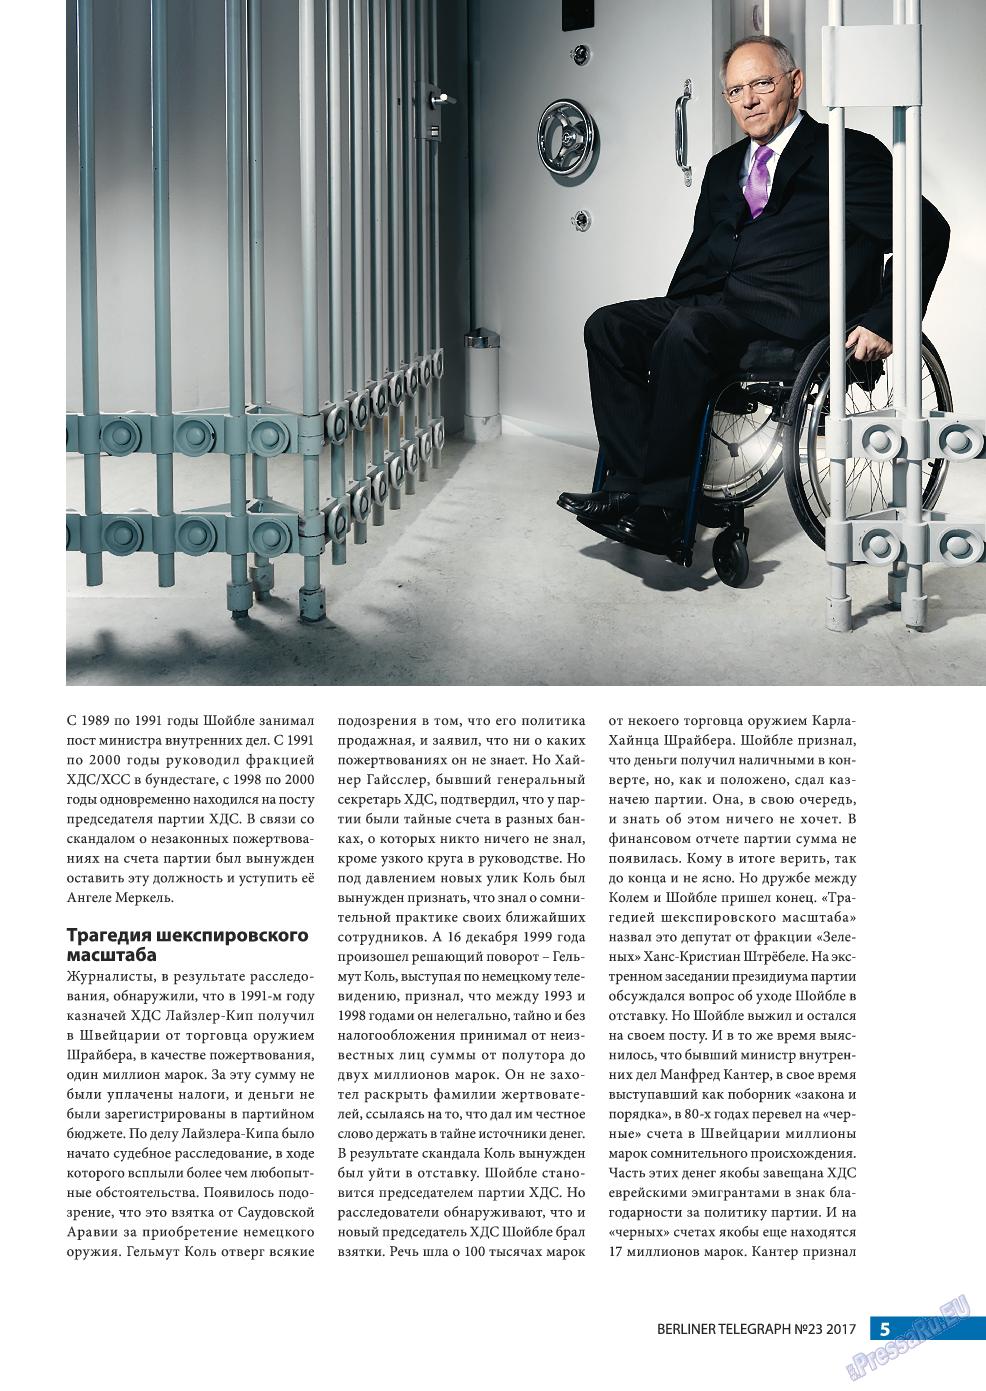 Берлинский телеграф (журнал). 2017 год, номер 23, стр. 5